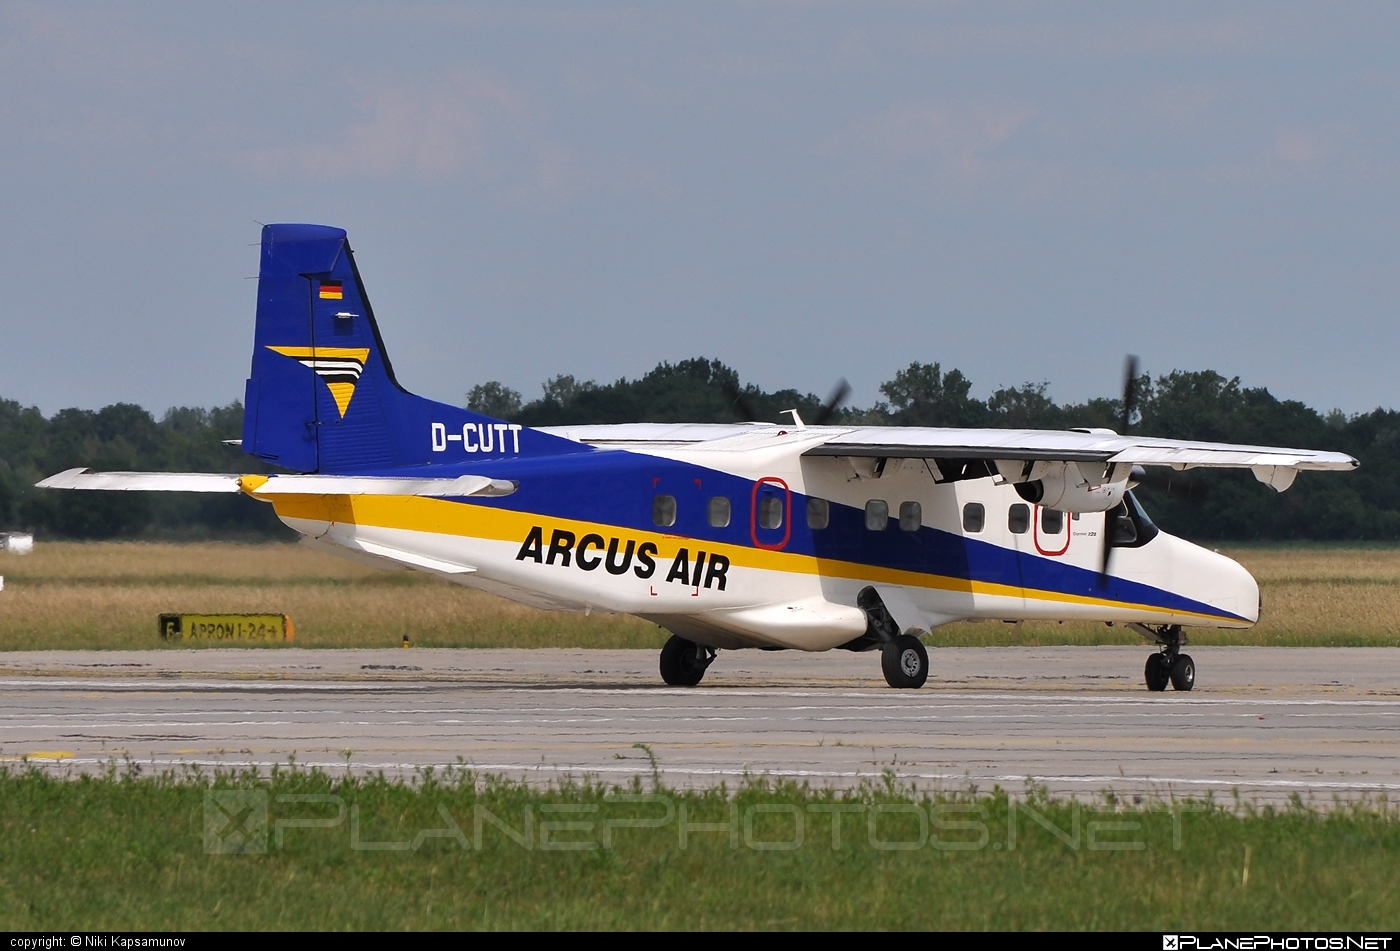 Dornier 228-212 - D-CUTT operated by Arcus-Air #dornier